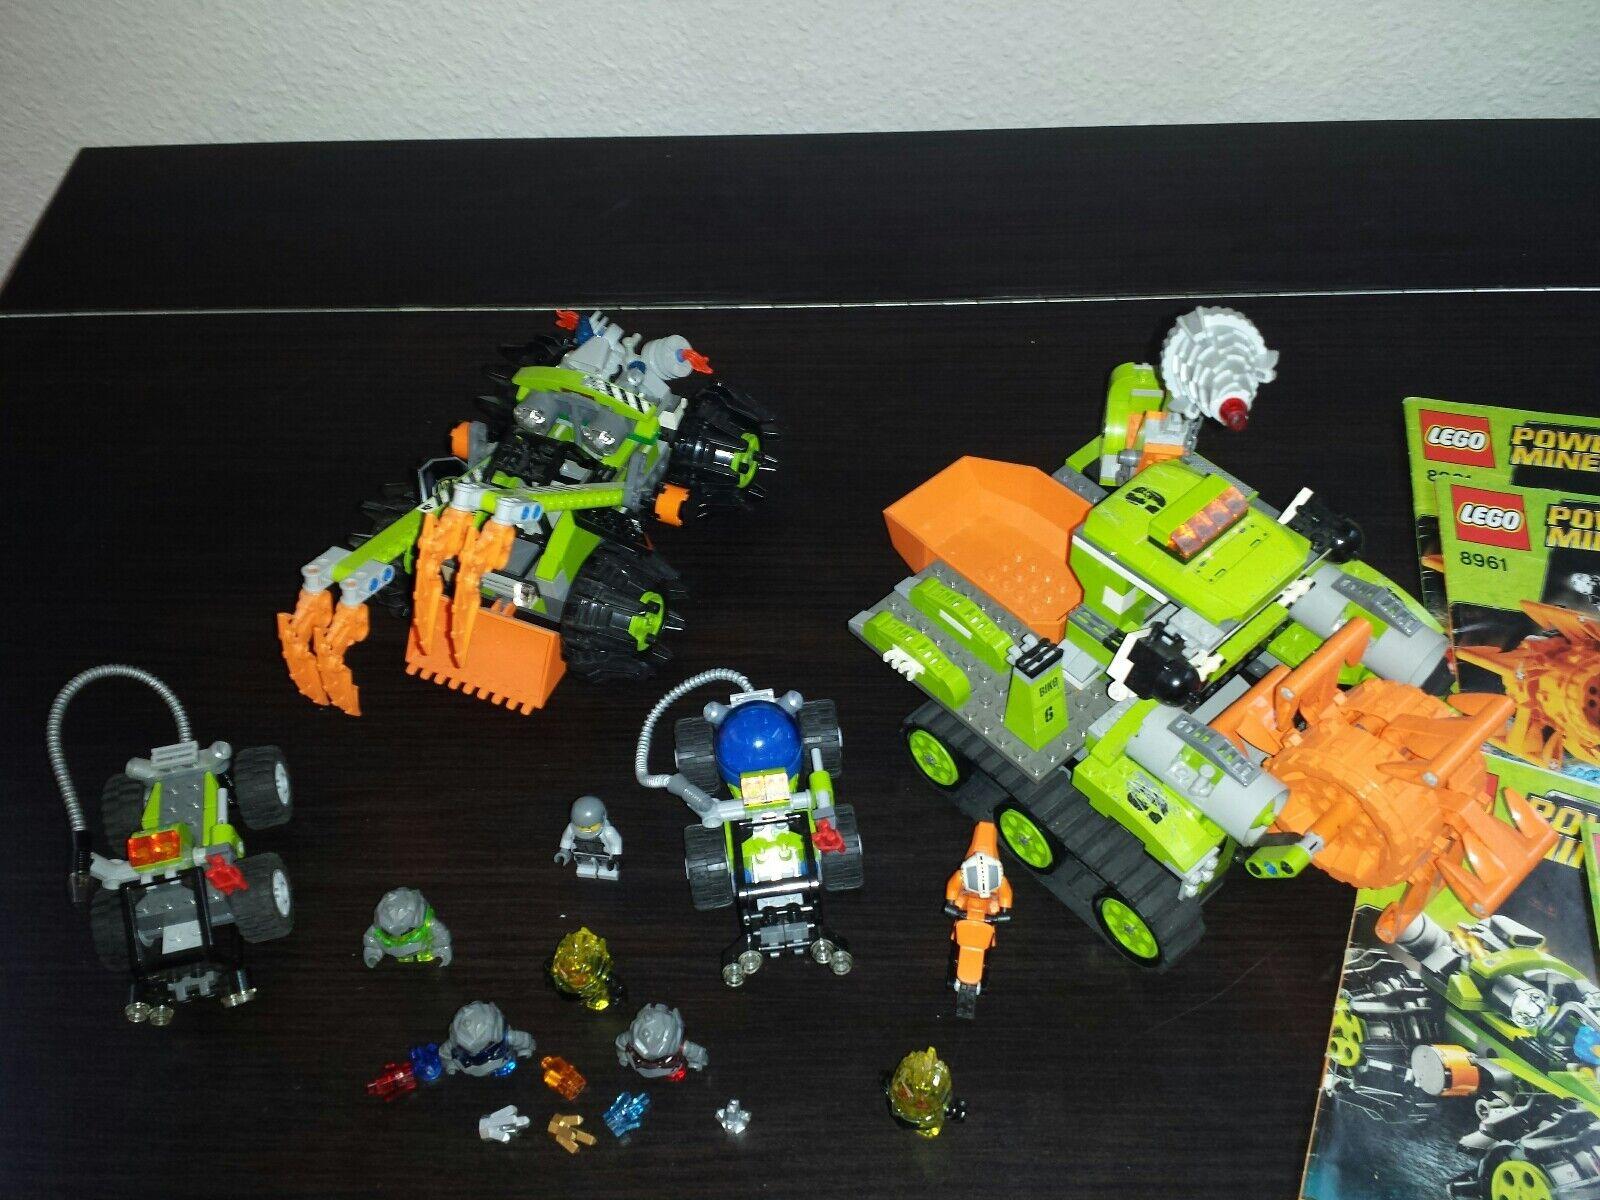 LEGO POWER MINERS 8961 8959 und 2x 8188 mit mit mit Figuren und Anleitung 97490d